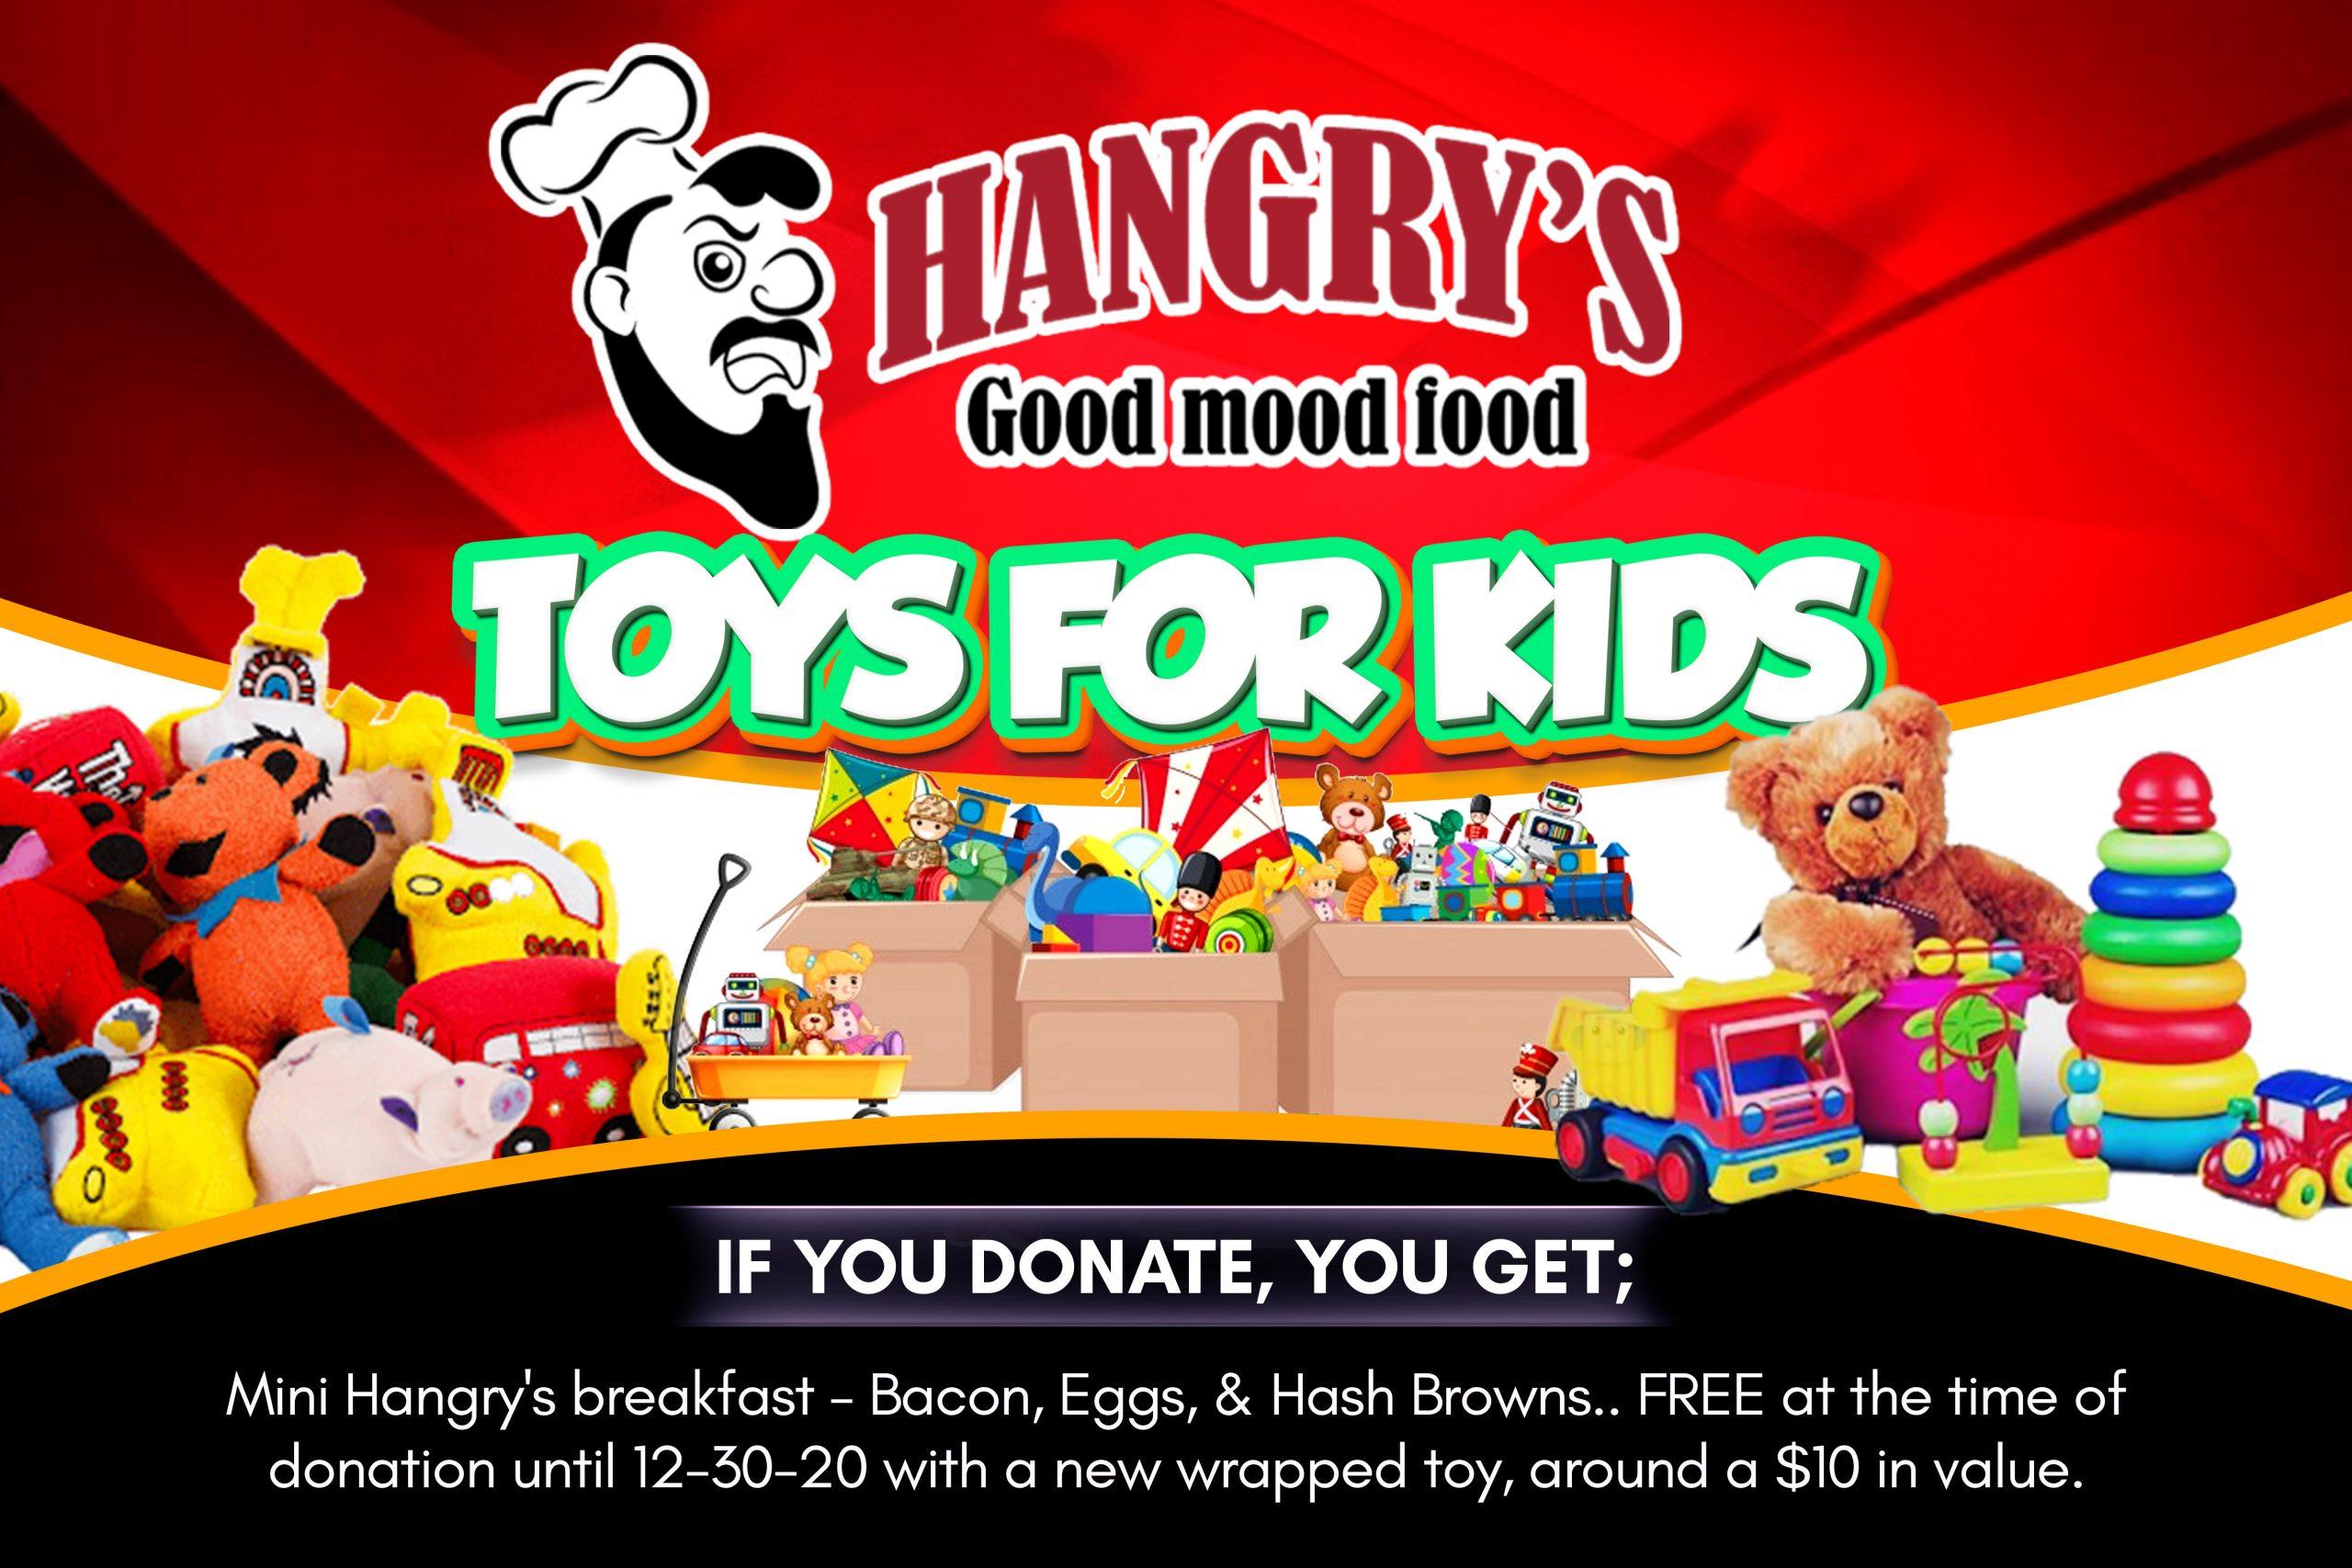 Toys for Kids Fundraiser